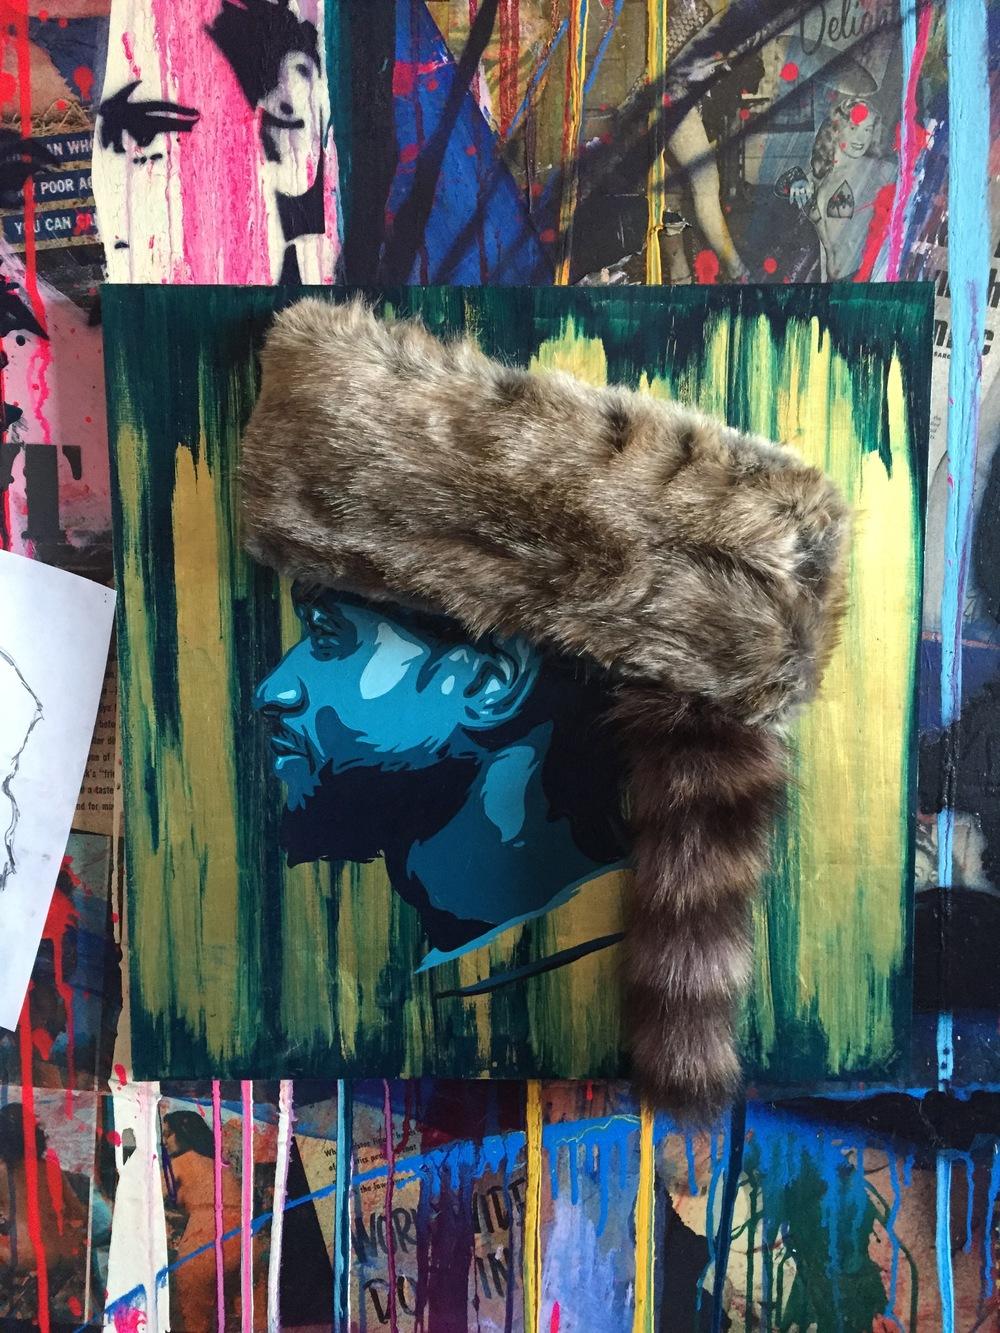 Usher Painting by Jeremy Penn